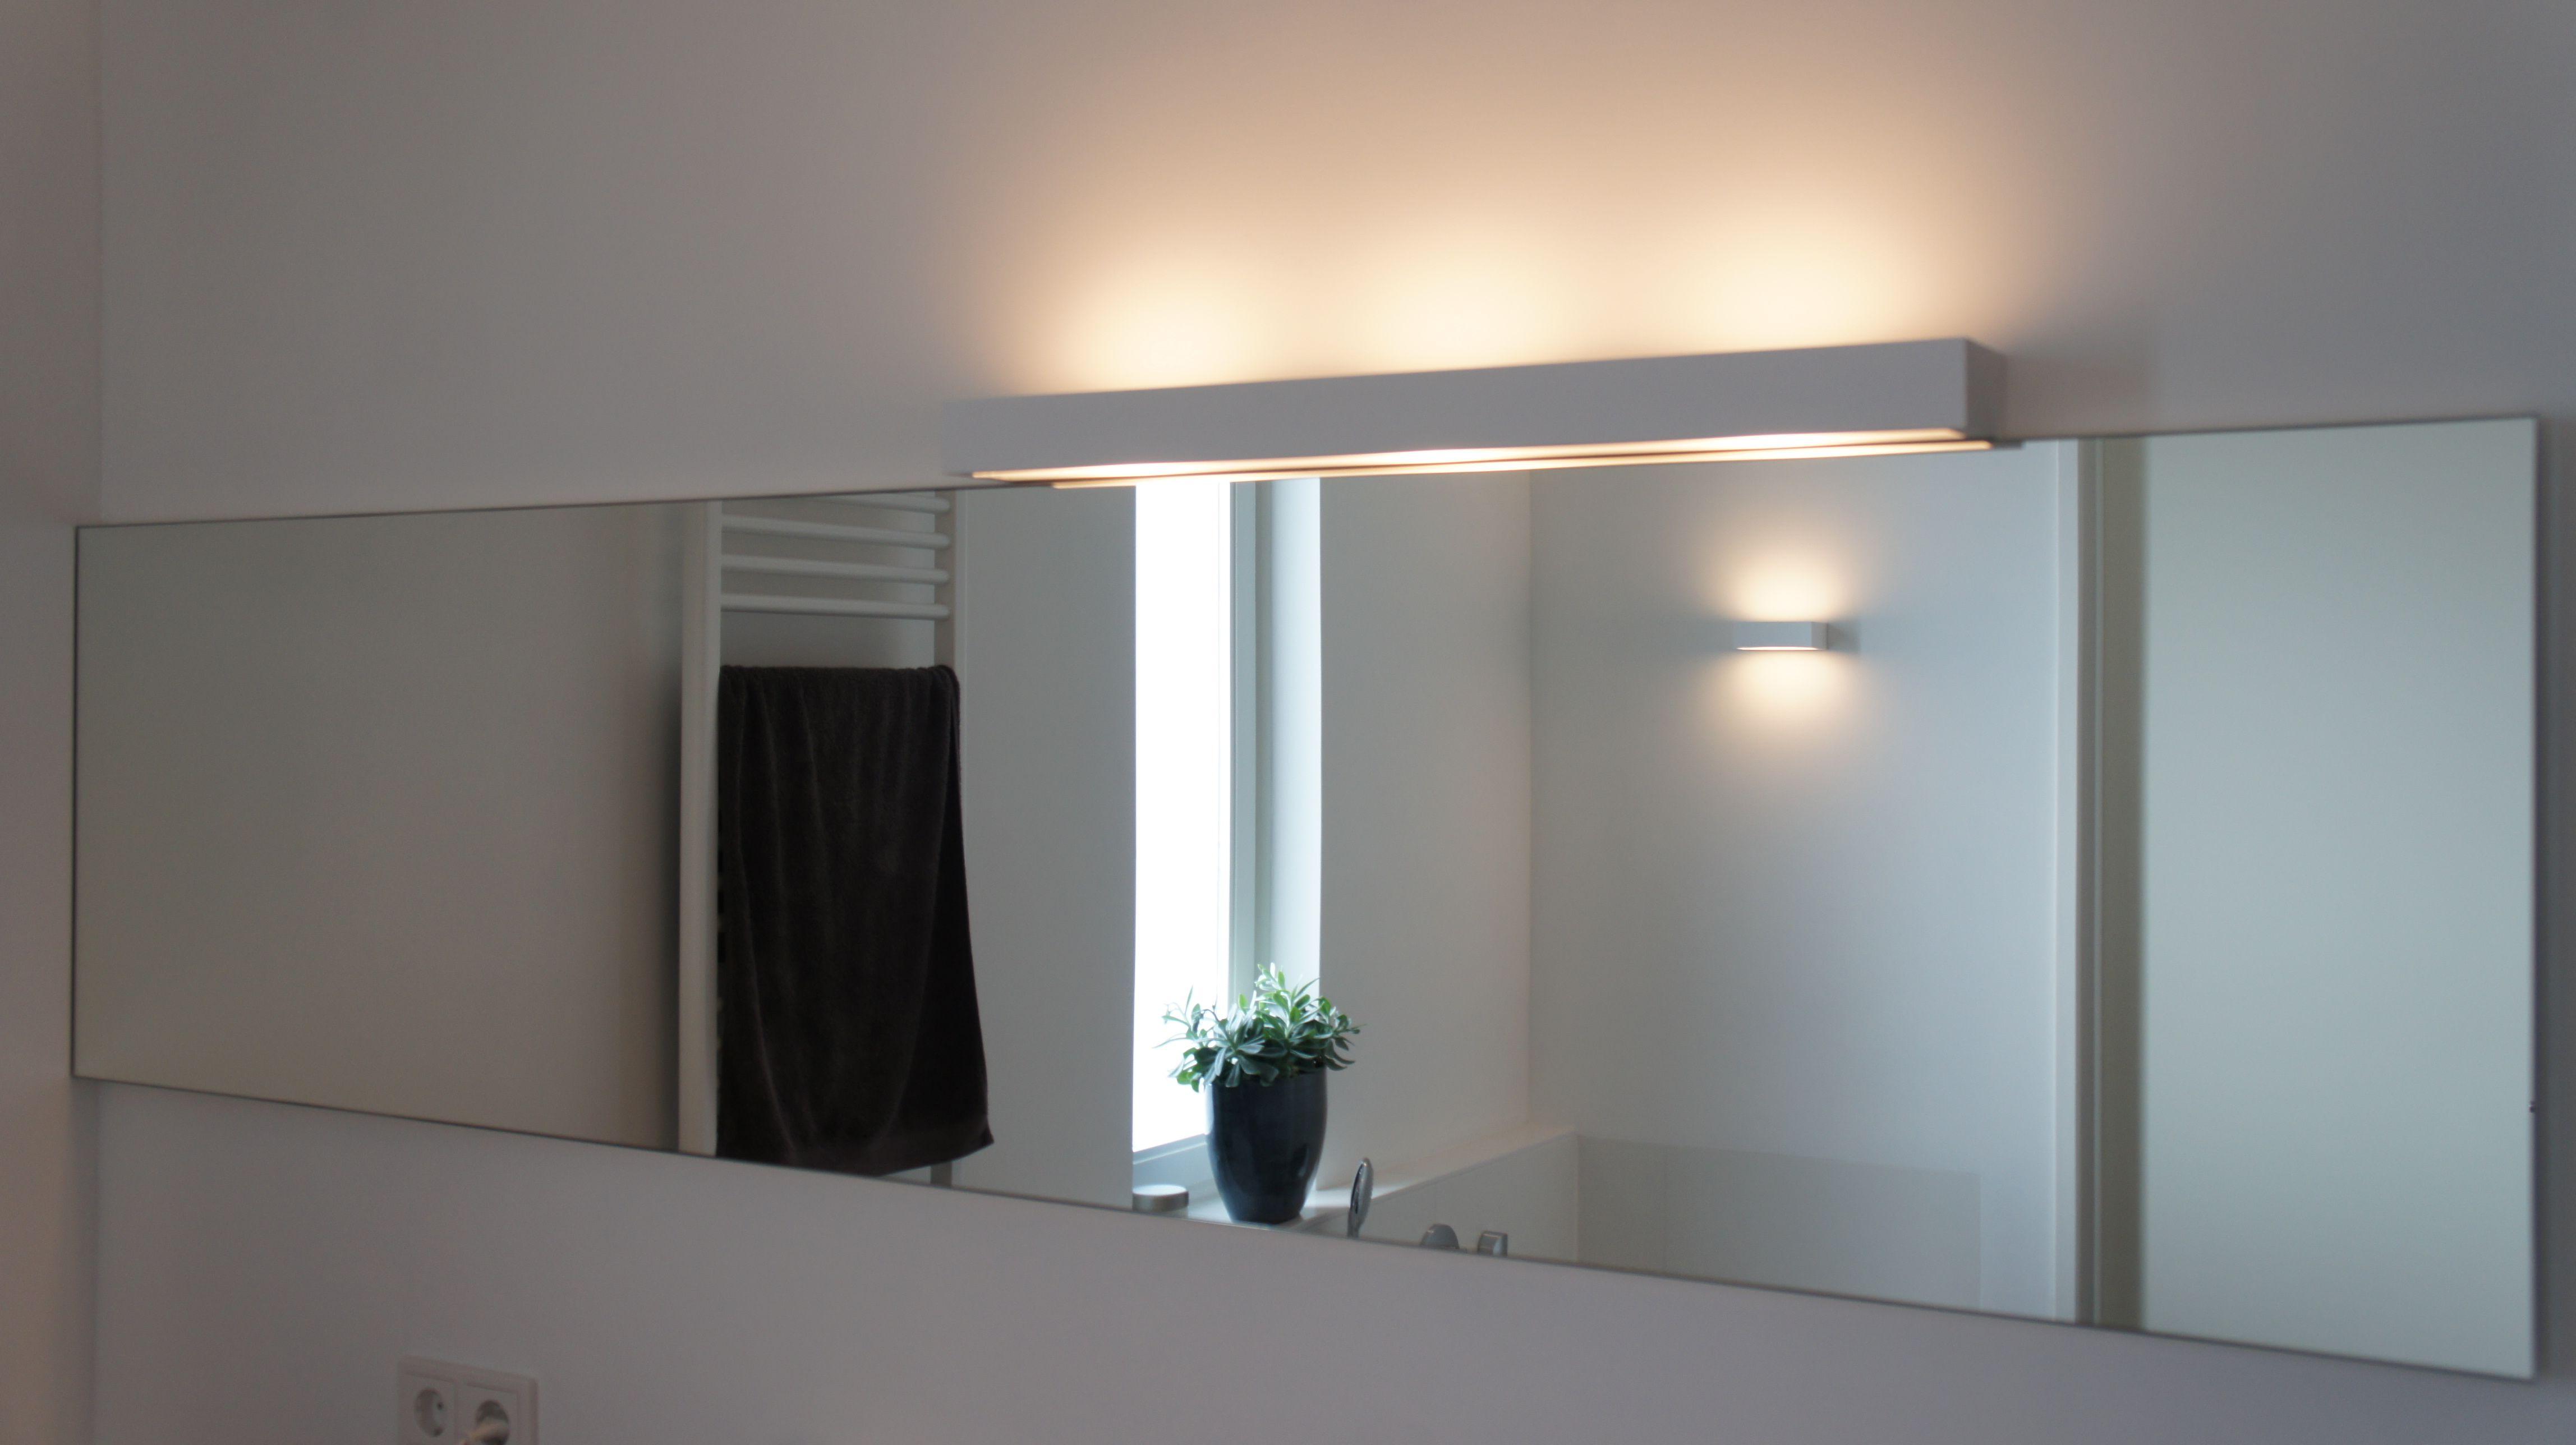 Mooie Spiegel. Mooie Spiegel Met Verlichting Aangebracht Door Van ...